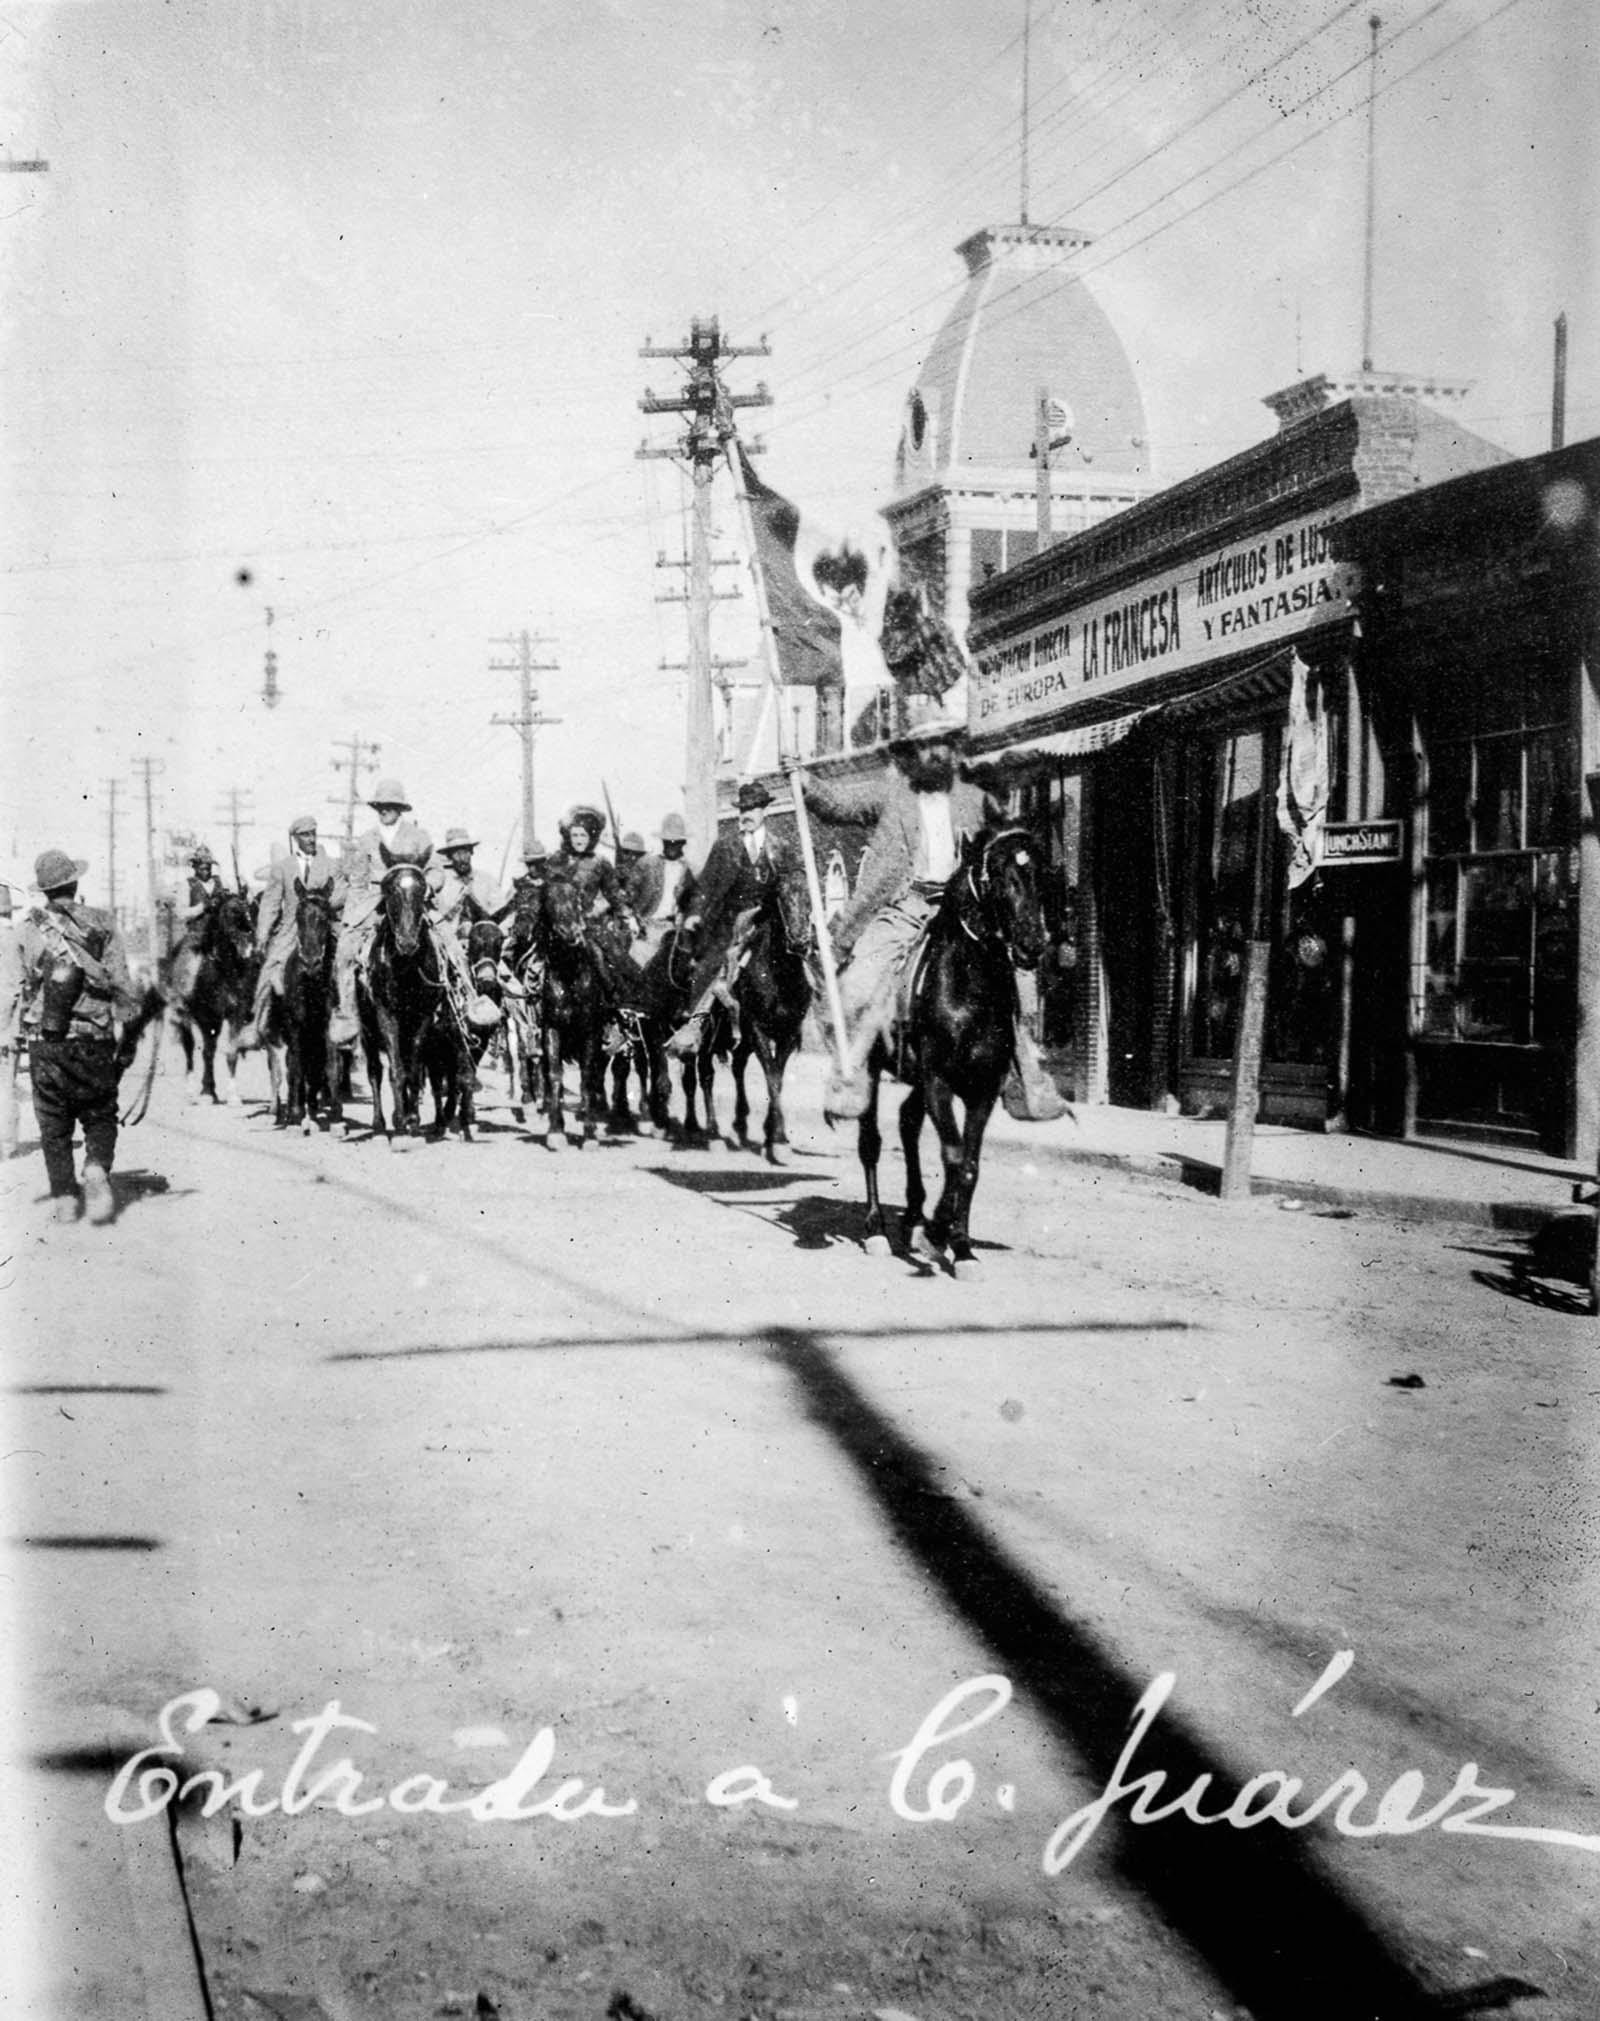 A forradalmi erők a szövetségi erők átadása után vonulnak be Ciudad Juárezbe.